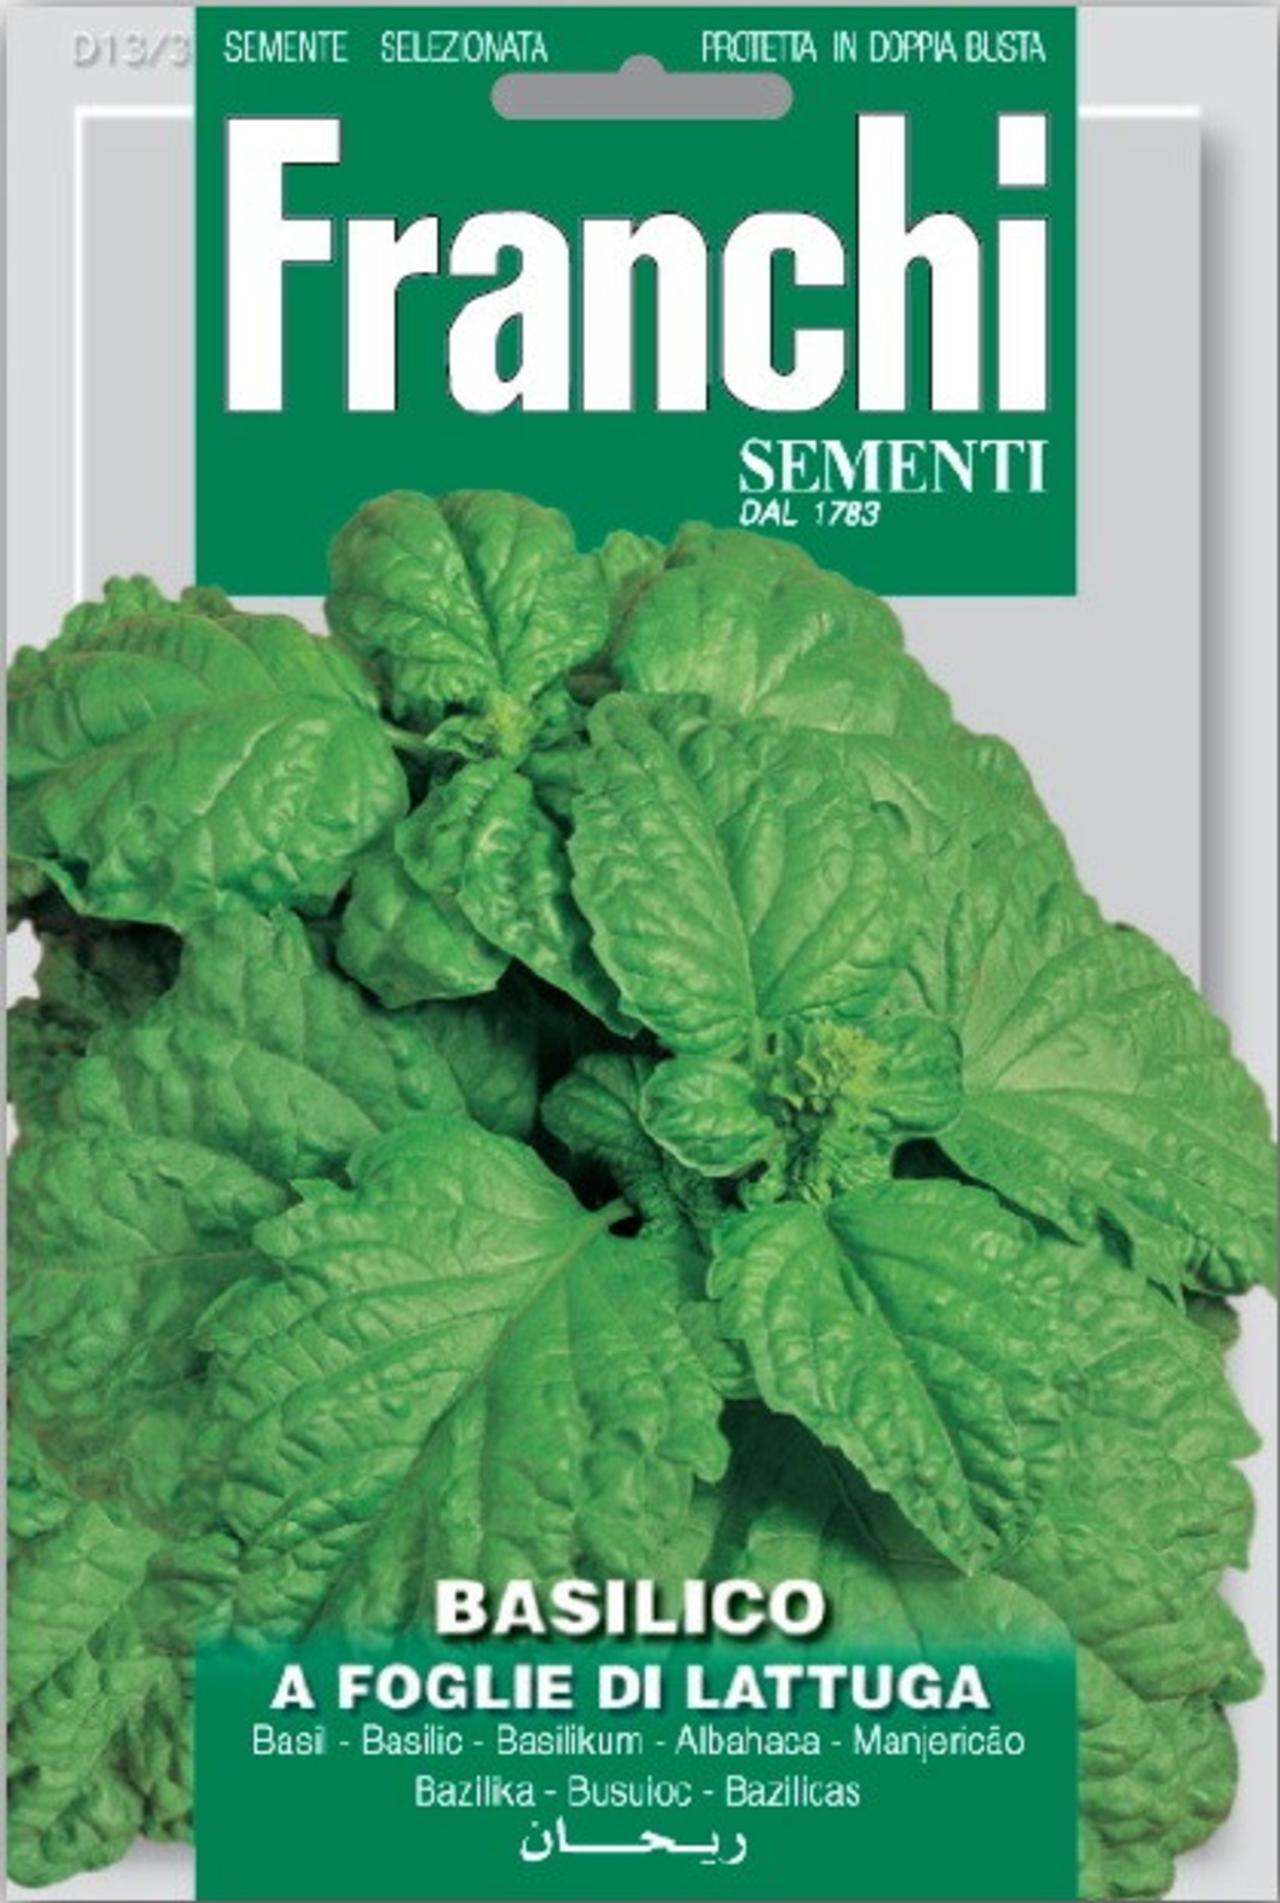 Ocimum basilicum 'Foglie Di Lattuga' plant